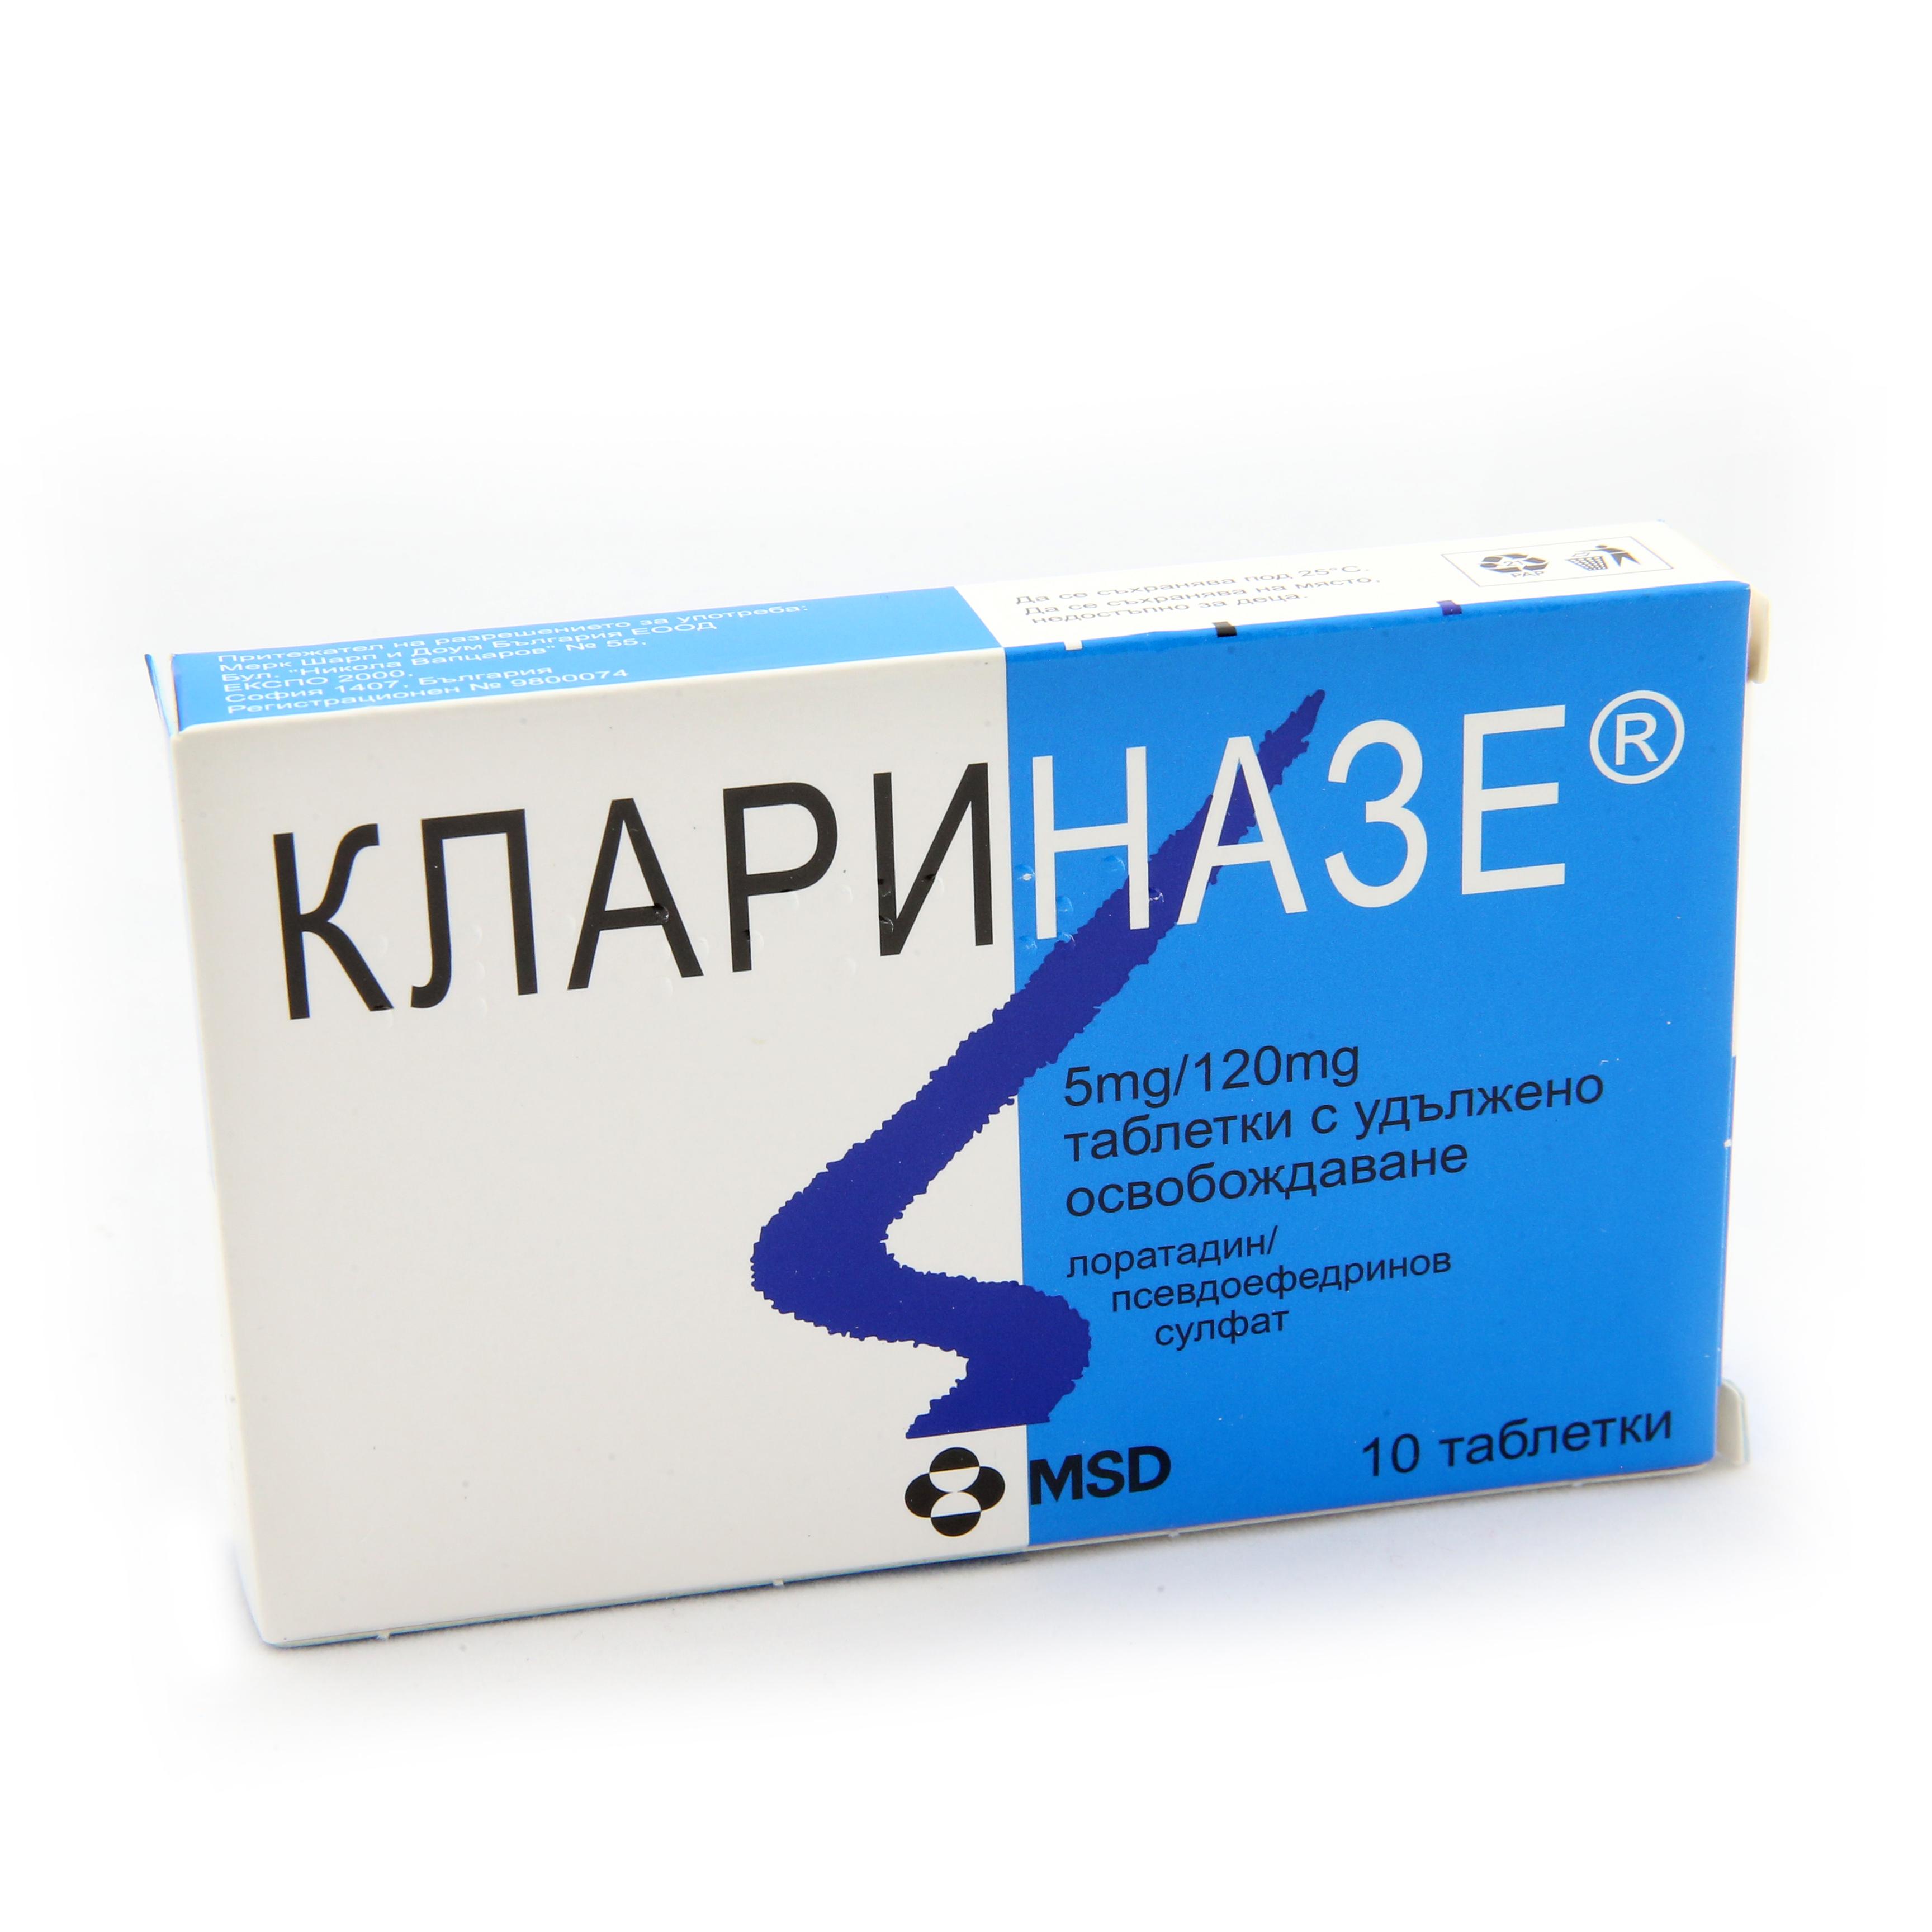 Описание на КЛАРИНАЗЕ / CLARINASE х10 таблетки - Bayer:     КЛАРИНАЗЕ / CLARINASE х10 таблетки на фармацевтичната компания Байер представлява противоалергично лекарствено средство, което се използва за облекчаване на симптомите, свързани със сезонен алергичен ринит (сенна хрема), като сърбеж и сълзене на очите, придружени от запушване на носа, кихане, сърбеж или секреция от носа. Клариназе таблетки съдържат комбинация от две активни съставки: антихистамин (лоратадин) и деконгестант (псевдоефедрин). Антихистаминът облекчава симптомите при алергия и простуда, като блокира действието на субстанция, наречена хистамин, която се образува в човешкото тяло. Деконгестантът спомага за отпушването на носа.     Състав на КЛАРИНАЗЕ / CLARINASE х10 таблетки - Bayer:      Клариназе съдържа:Активните вещества са: лоратадин 5 mg и псевдоефедринов сулфат 120 mgДругите съставки са: ядро - лактоза, царевично нишесте, повидон, магнезиев стеарат; обвивка - акация, калциев сулфат дихидрат, карнаубски восък, микрокристална целулоза, олеинова киселина, захароза, талк, титанов диоксид, бял восък, колофон, прахообразен сапун на растителна основа, зеин.